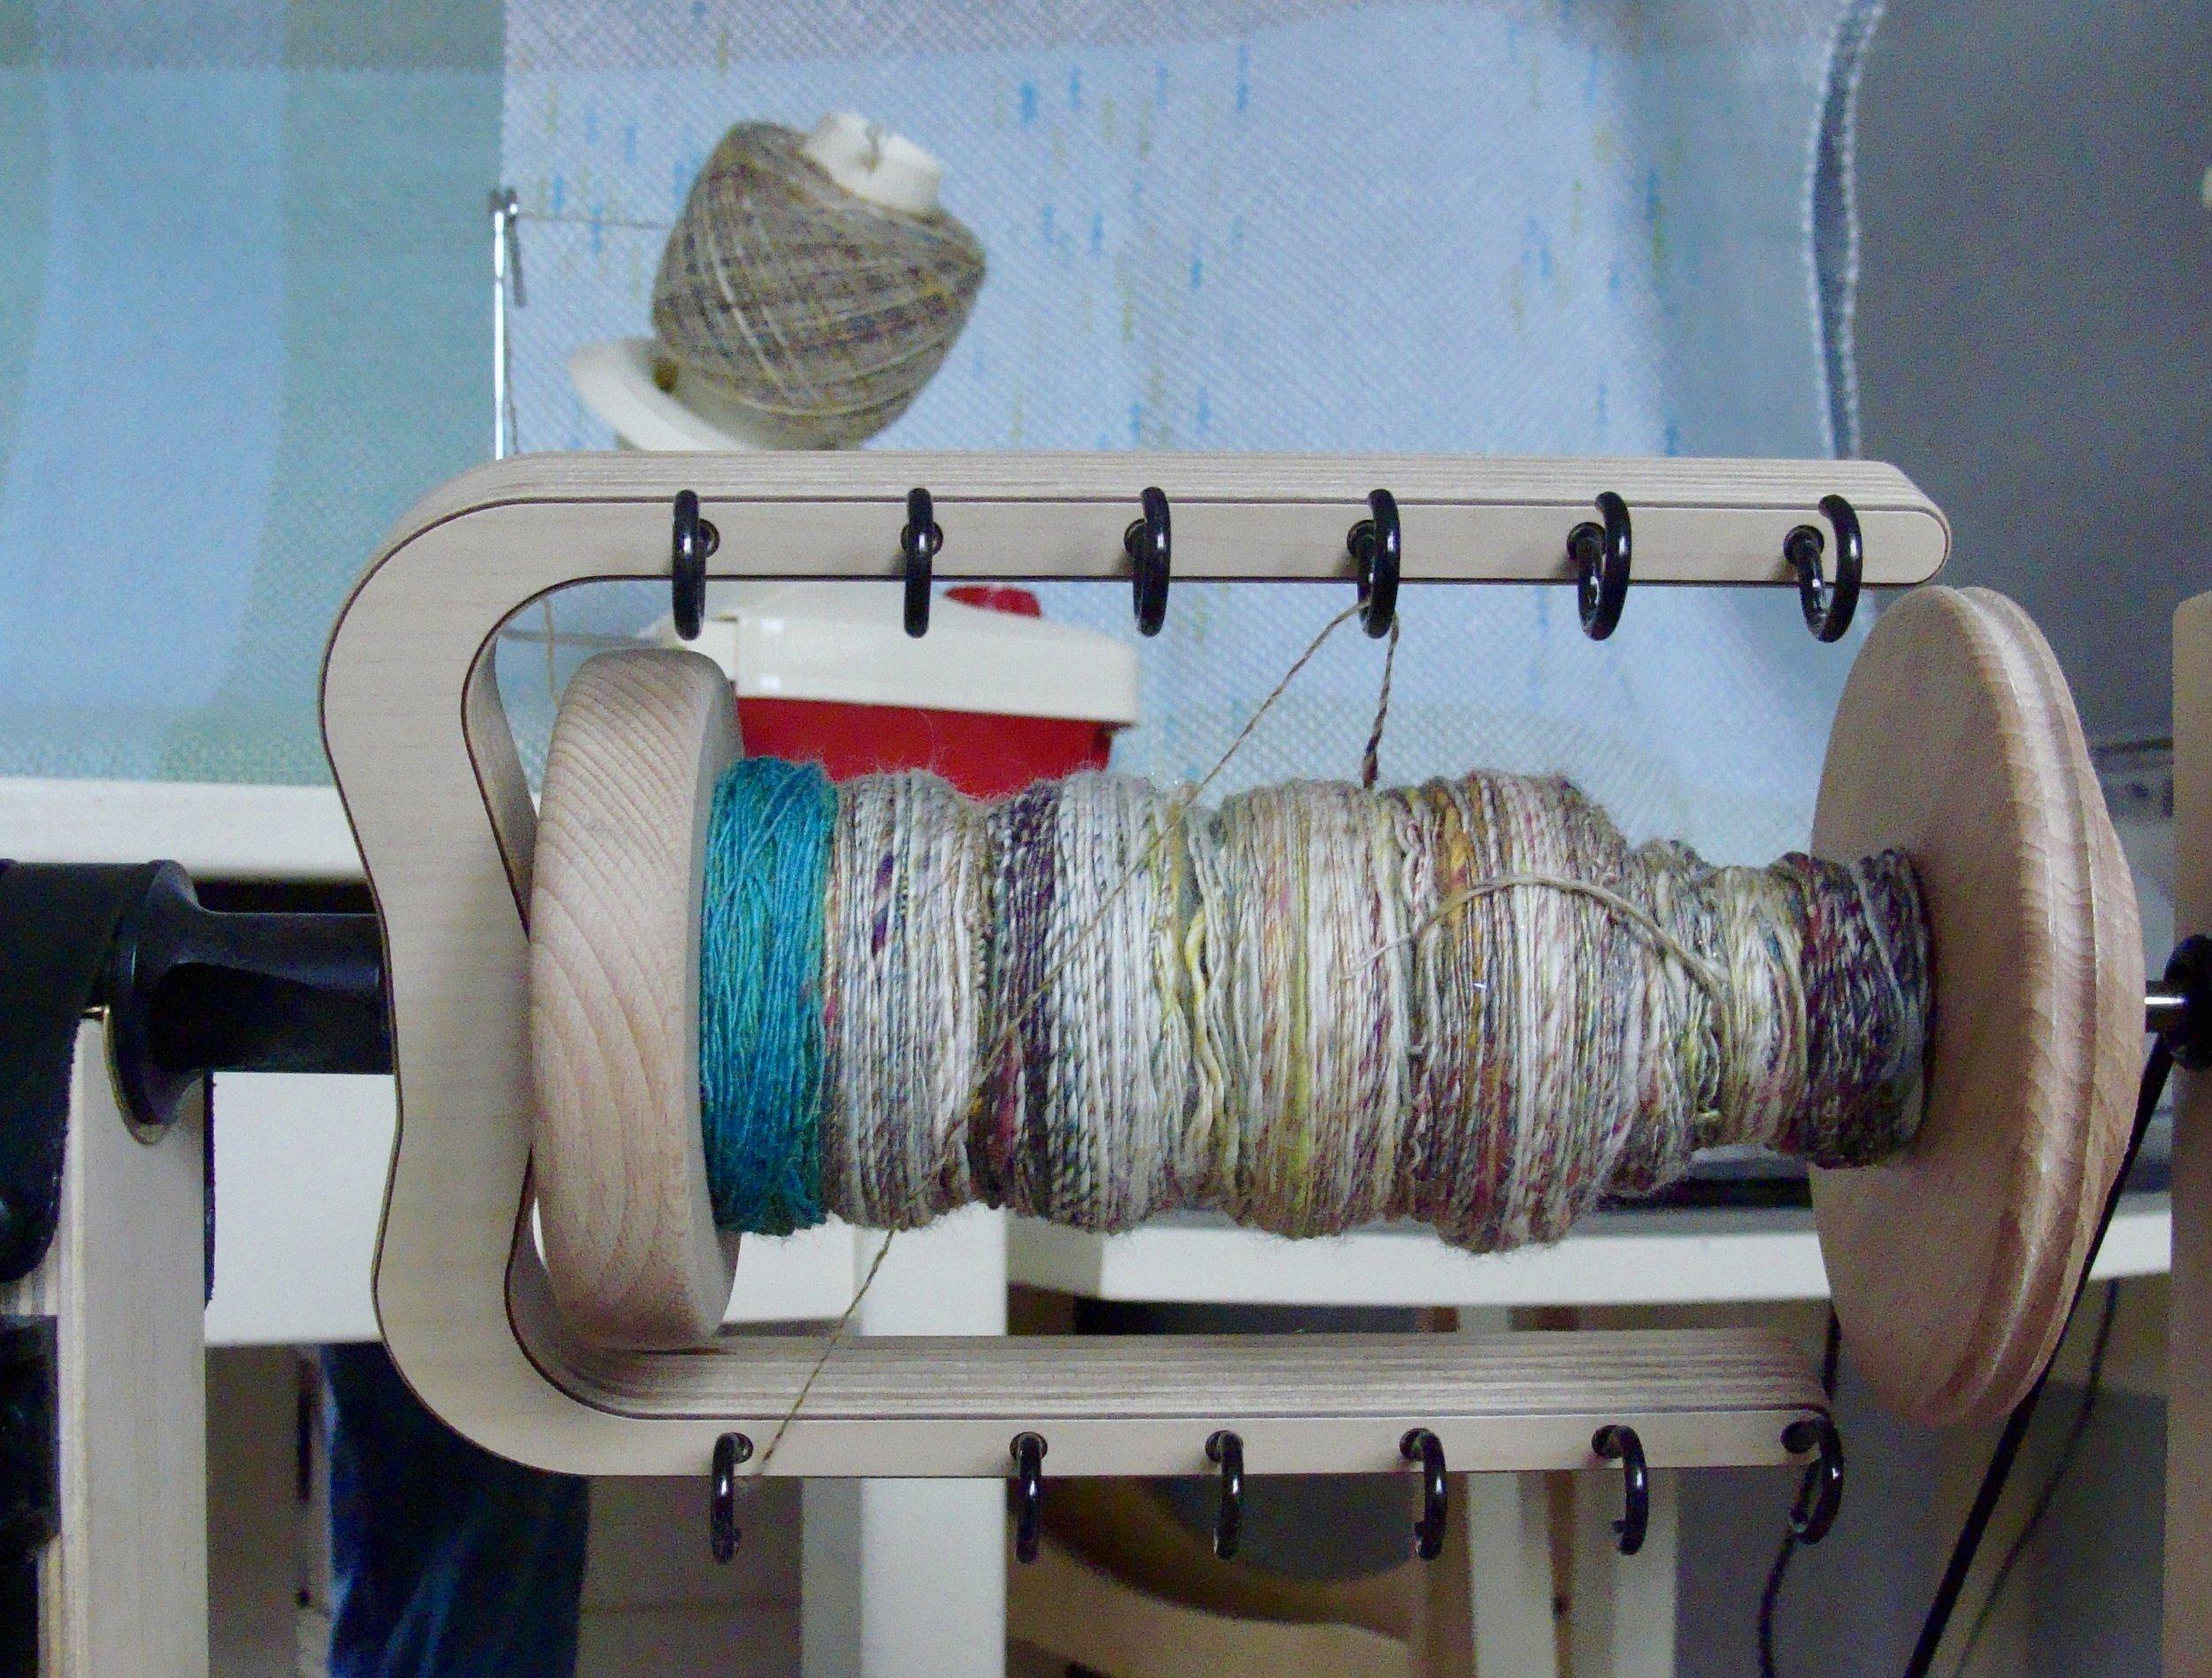 handspun-single-yarn-bobbin winder